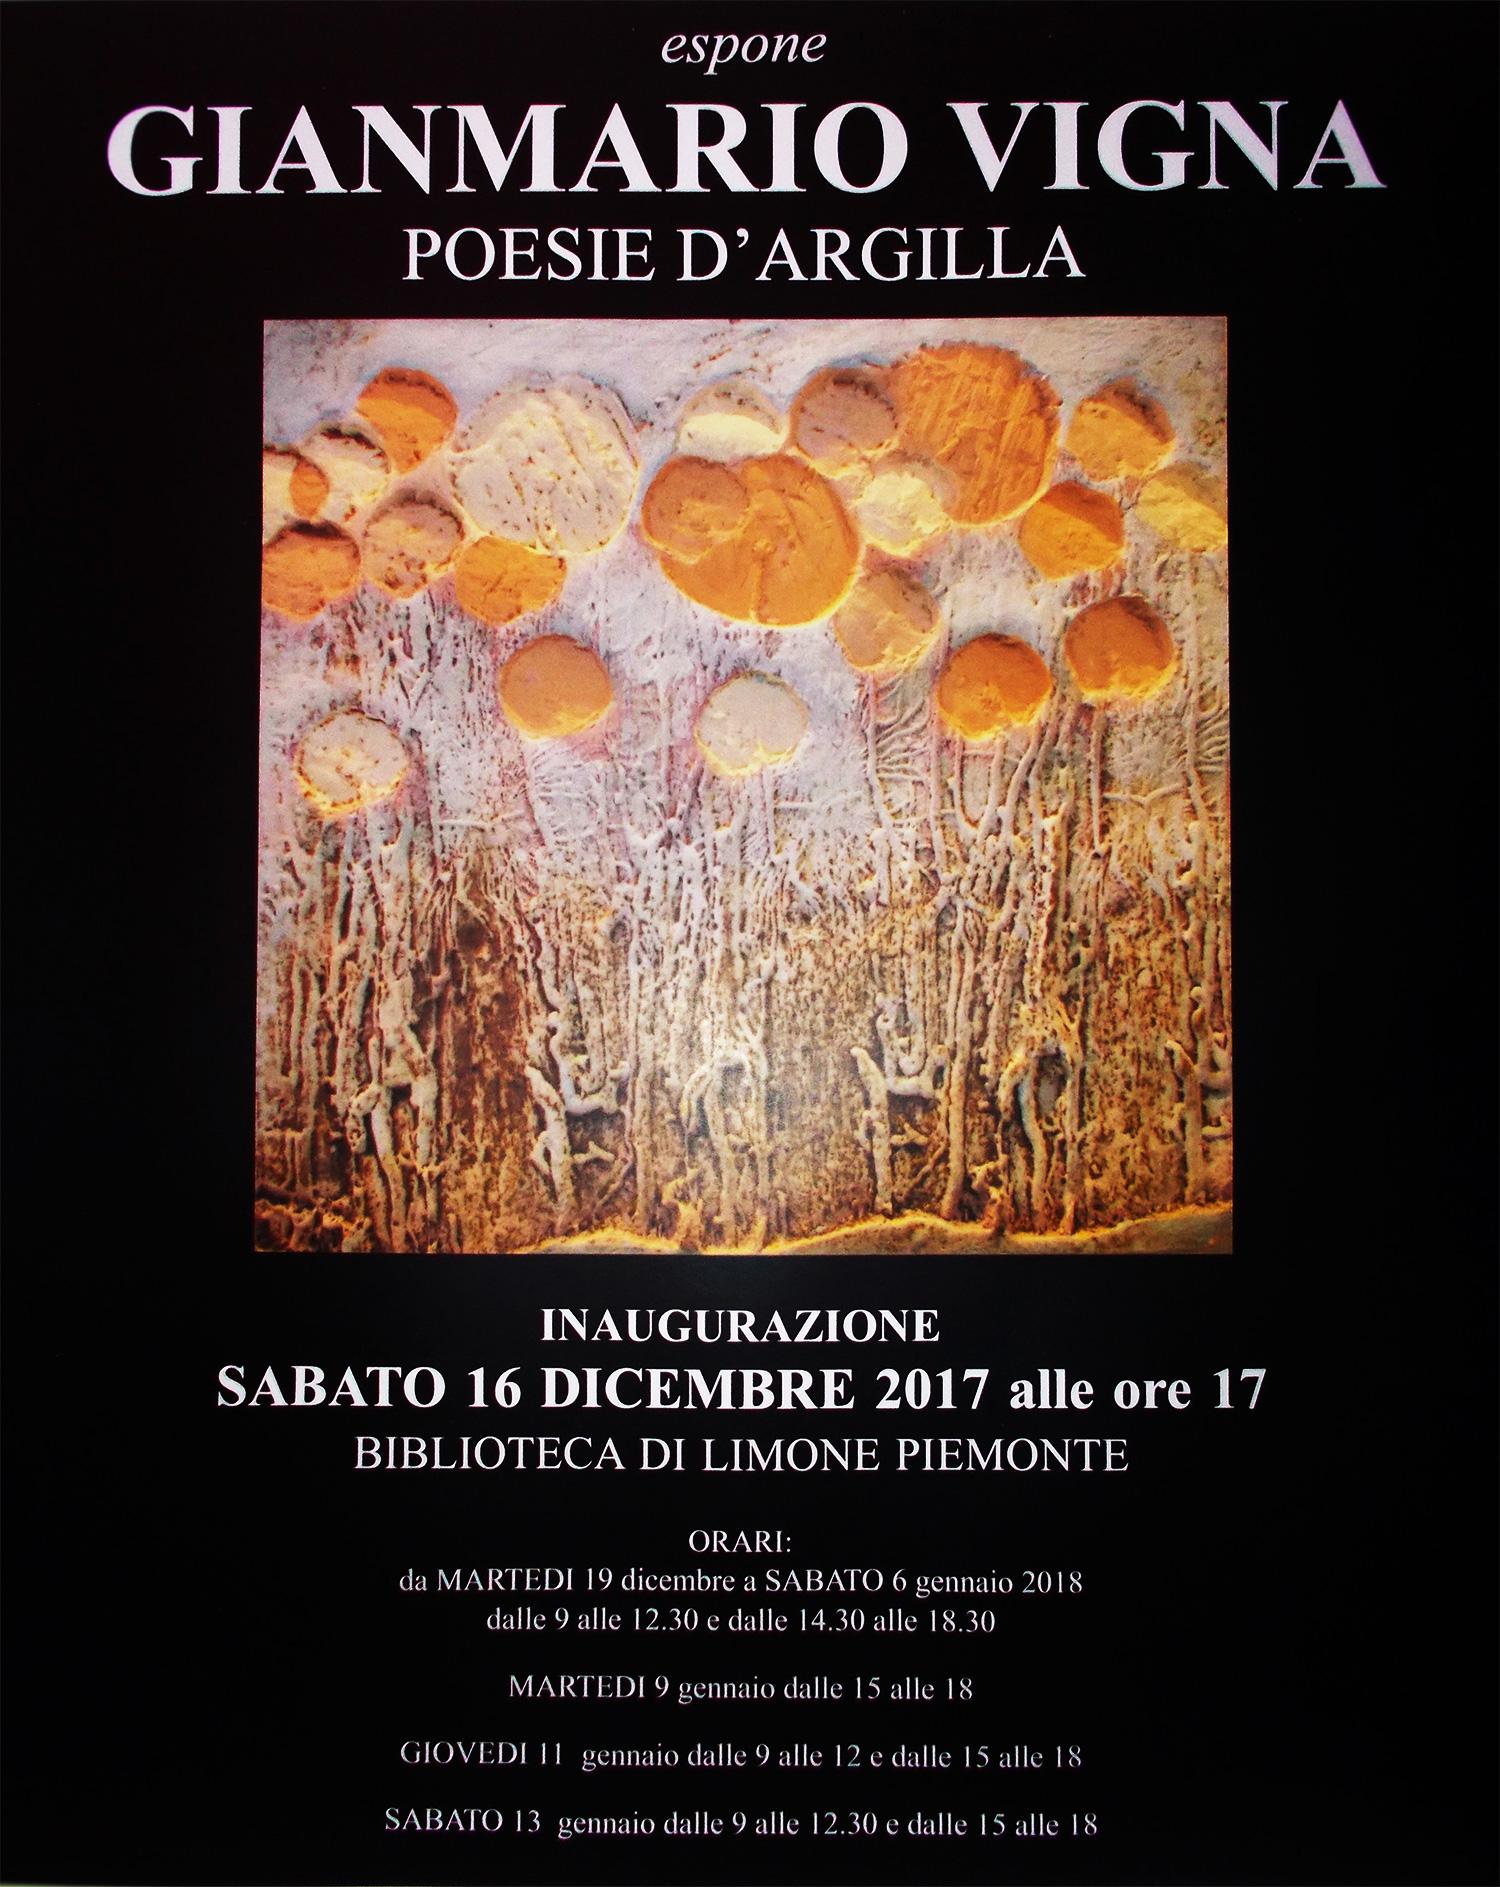 """""""Poesie d'argilla"""": la mostra di Gianmario Vigna a Limone da sabato 16 dicembre"""